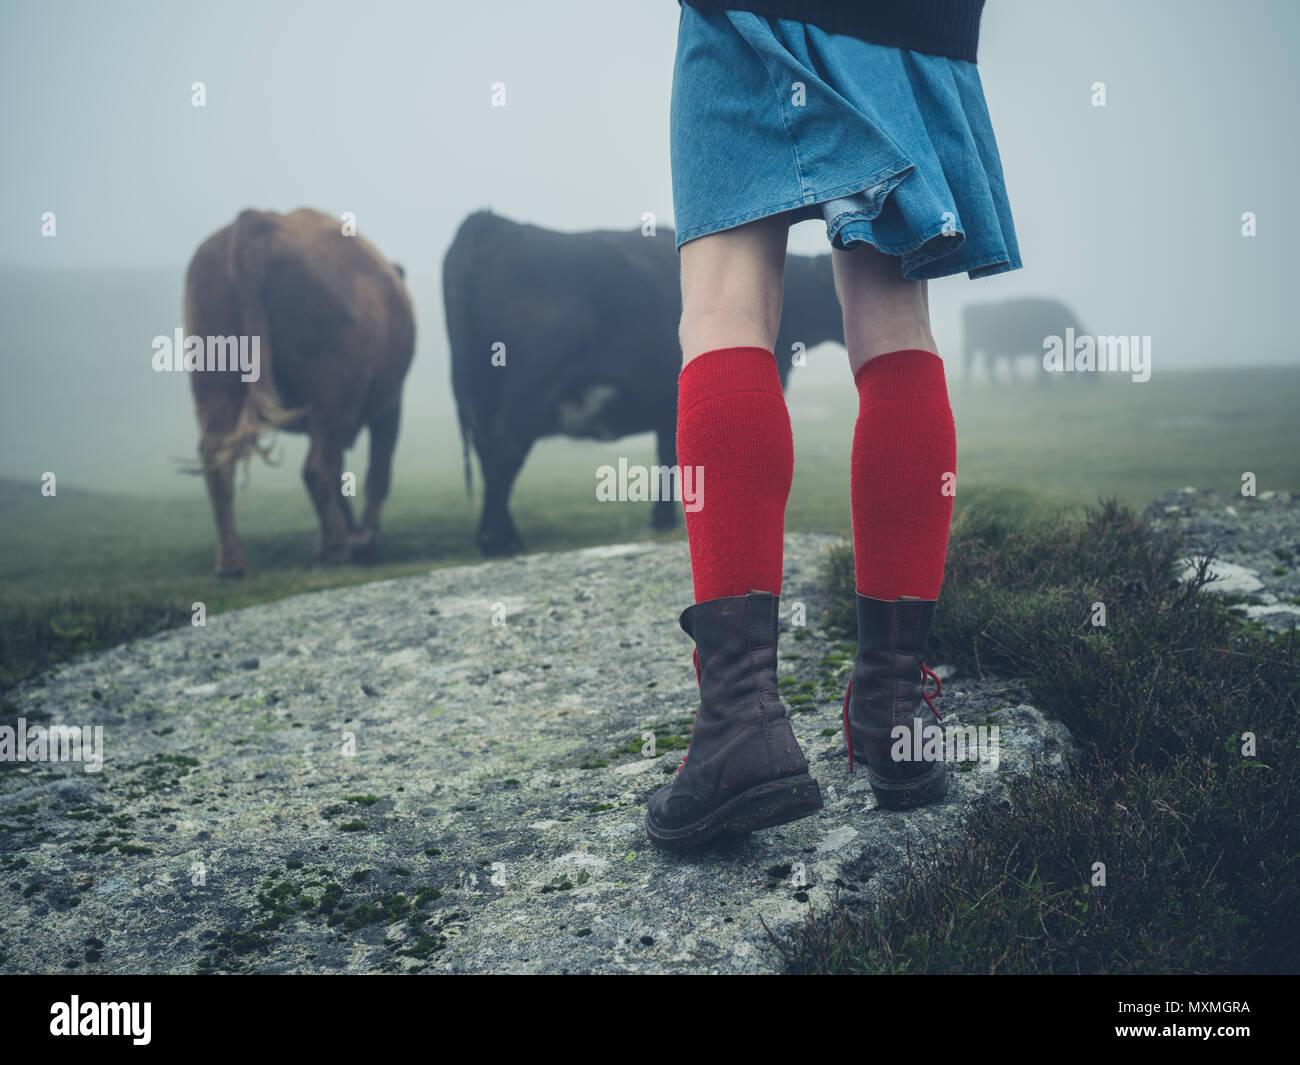 Eine junge Frau das Tragen der roten Socken und Wanderschuhe, Wandern auf dem Moor im Nebel in der Nähe von einigen Kühen Stockbild